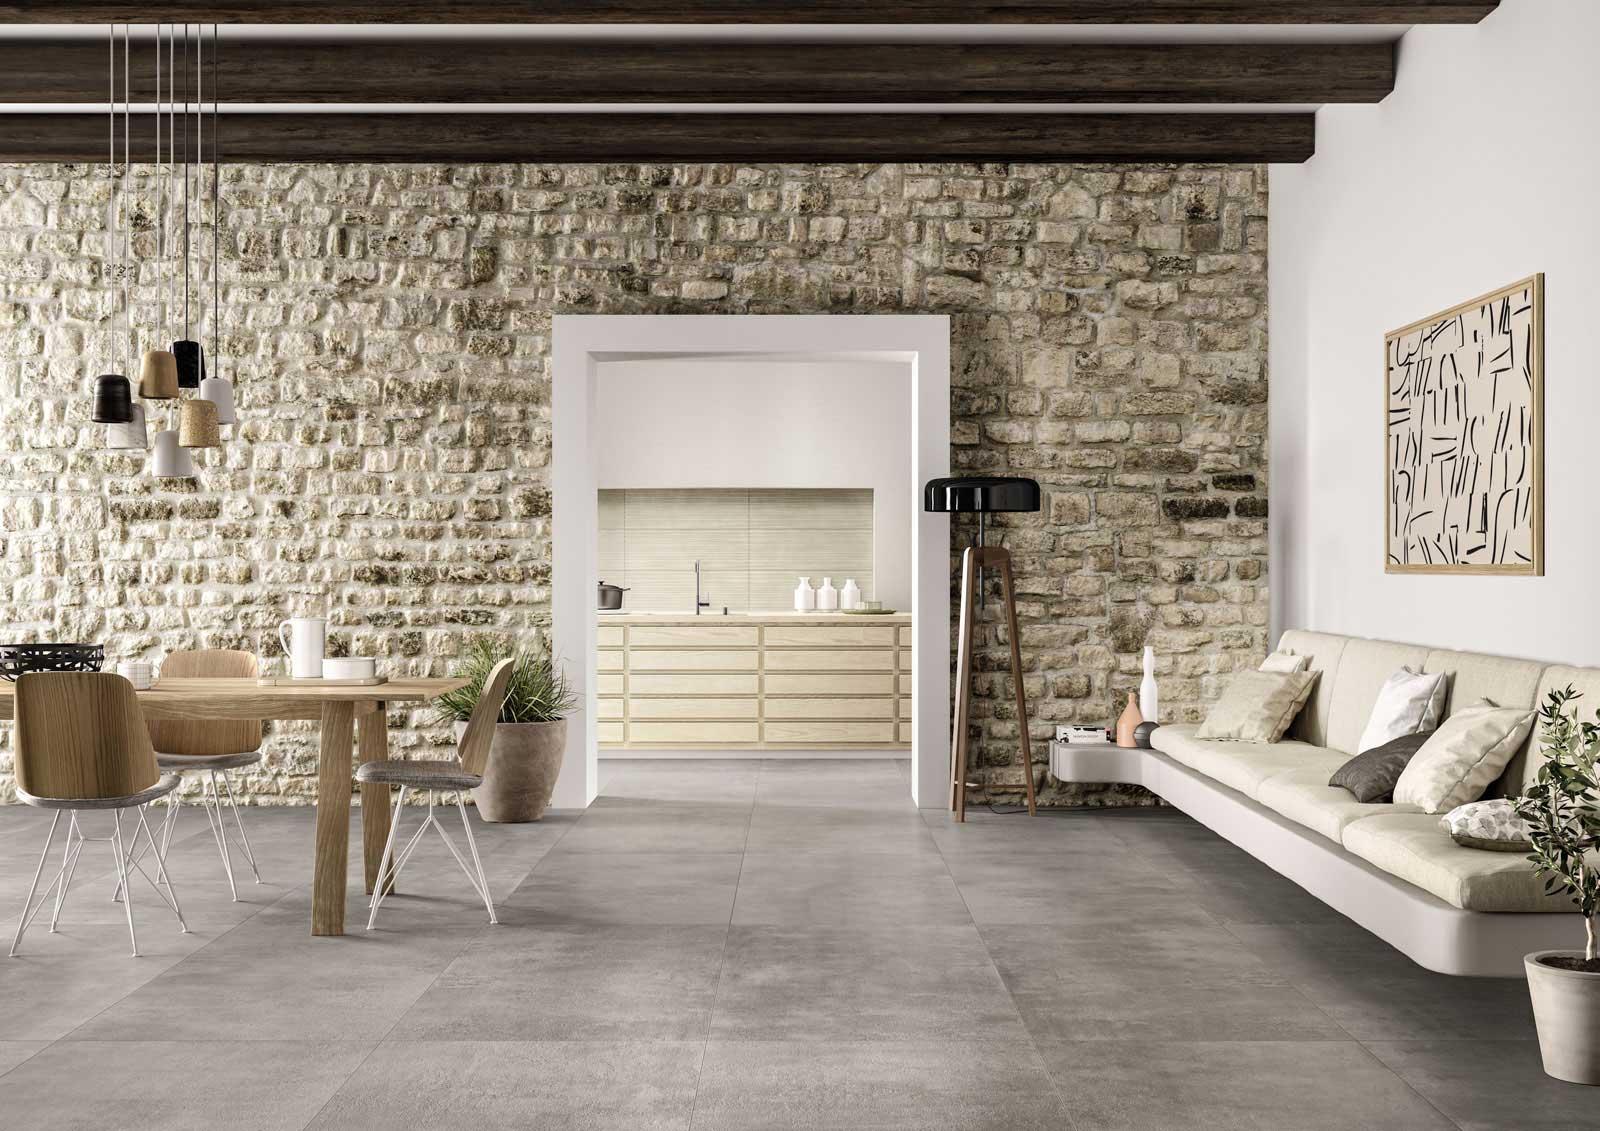 wandfliesen steinoptik wohnzimmer ~ preshcool = verschiedene